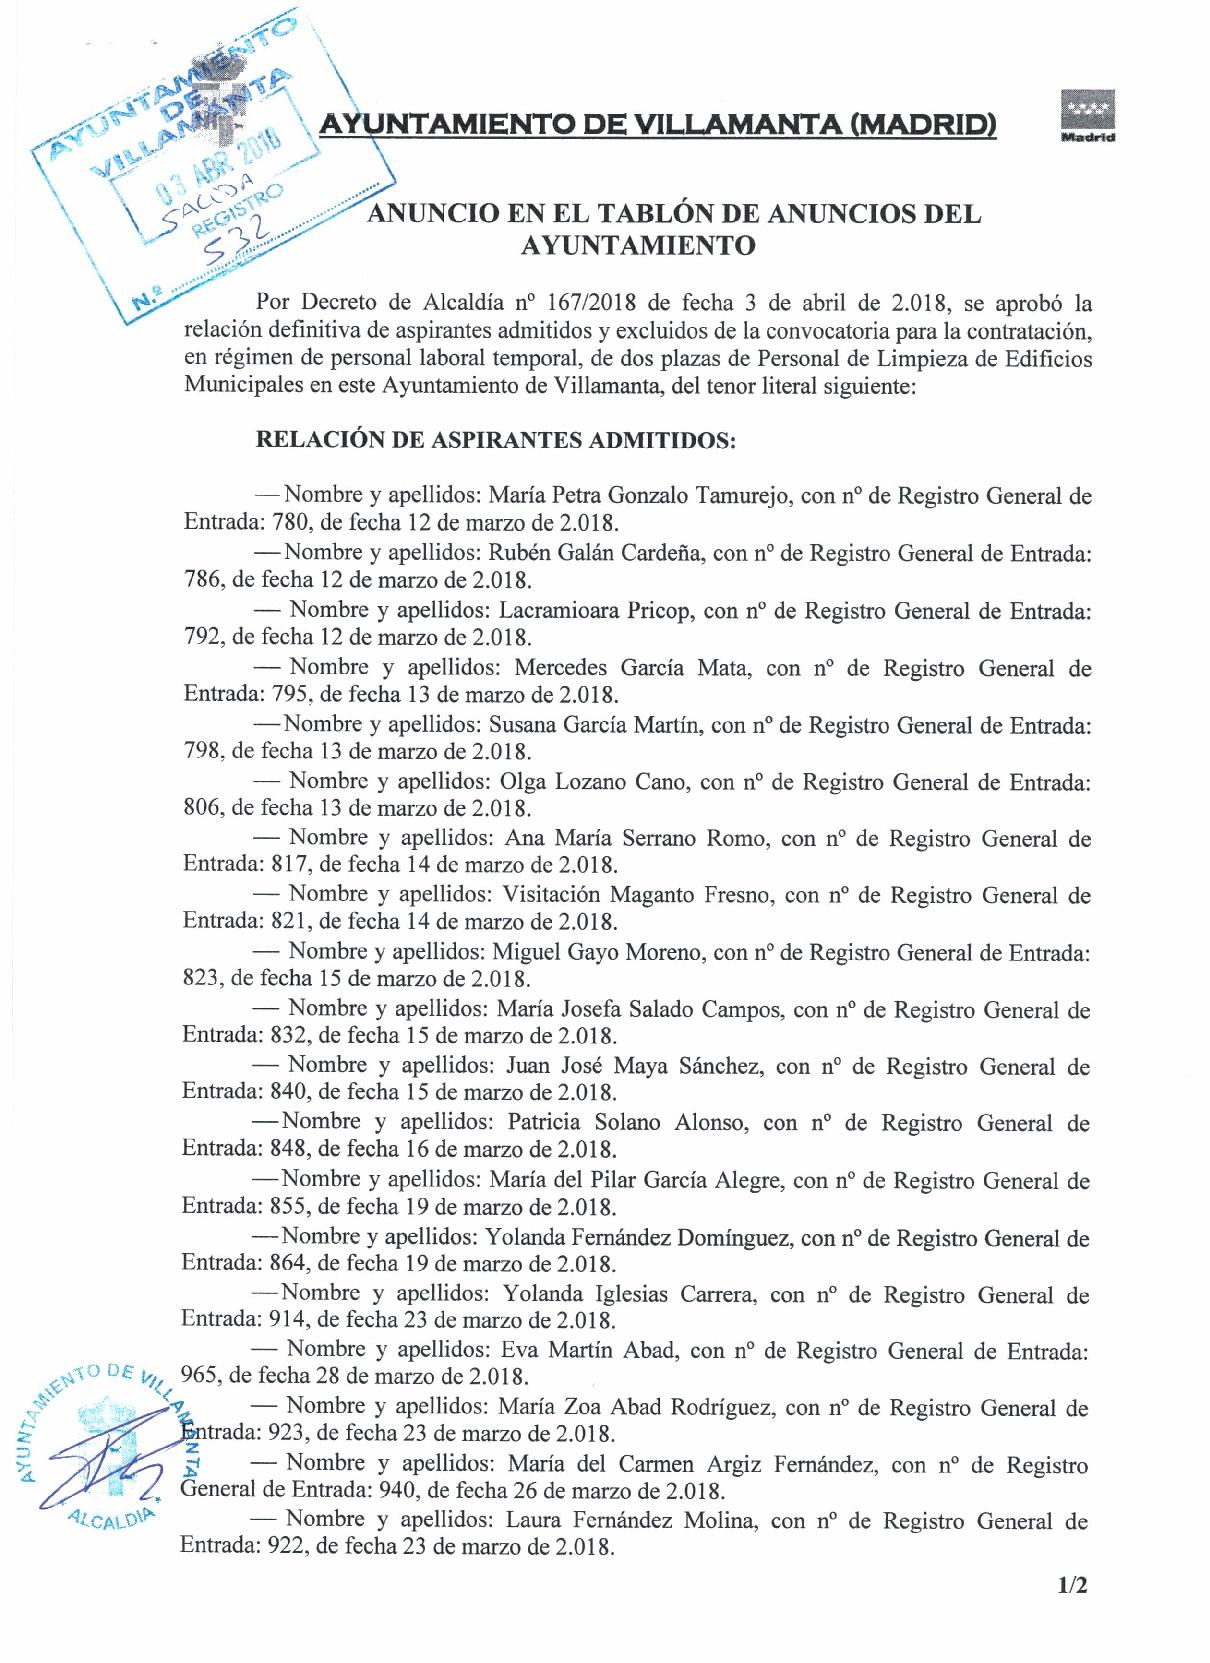 Listado definitivo de admitidos y excluidos 3 de abril de 2018